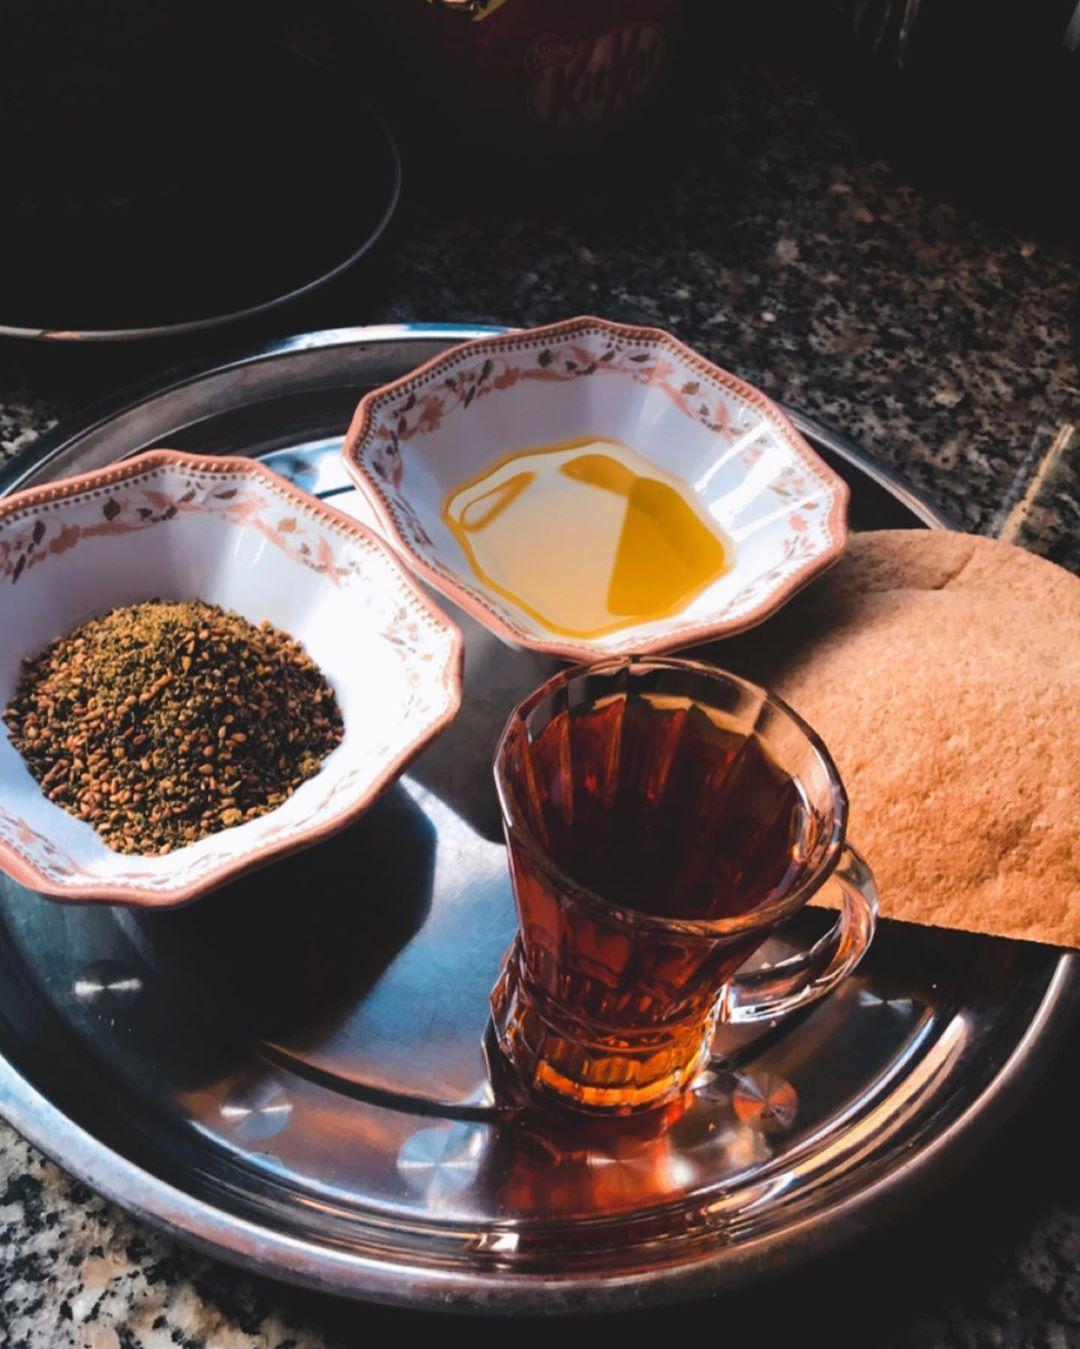 صباح الزعتر الأخضر مع زيت الزيتون وكاسة شاي وصحة وهنا للجميع زعتر أخضر زعتر زيت وزعتر Tableware Glassware Kitchen